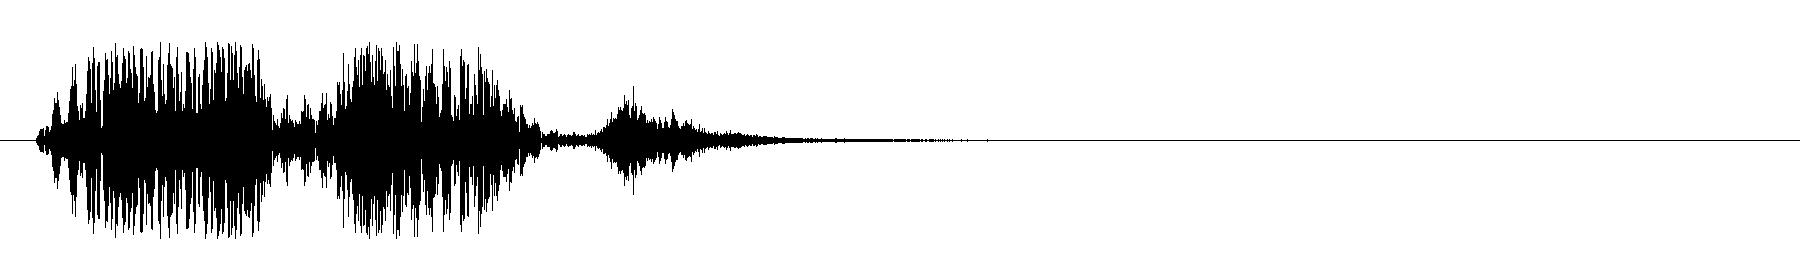 vocoder 1   robot